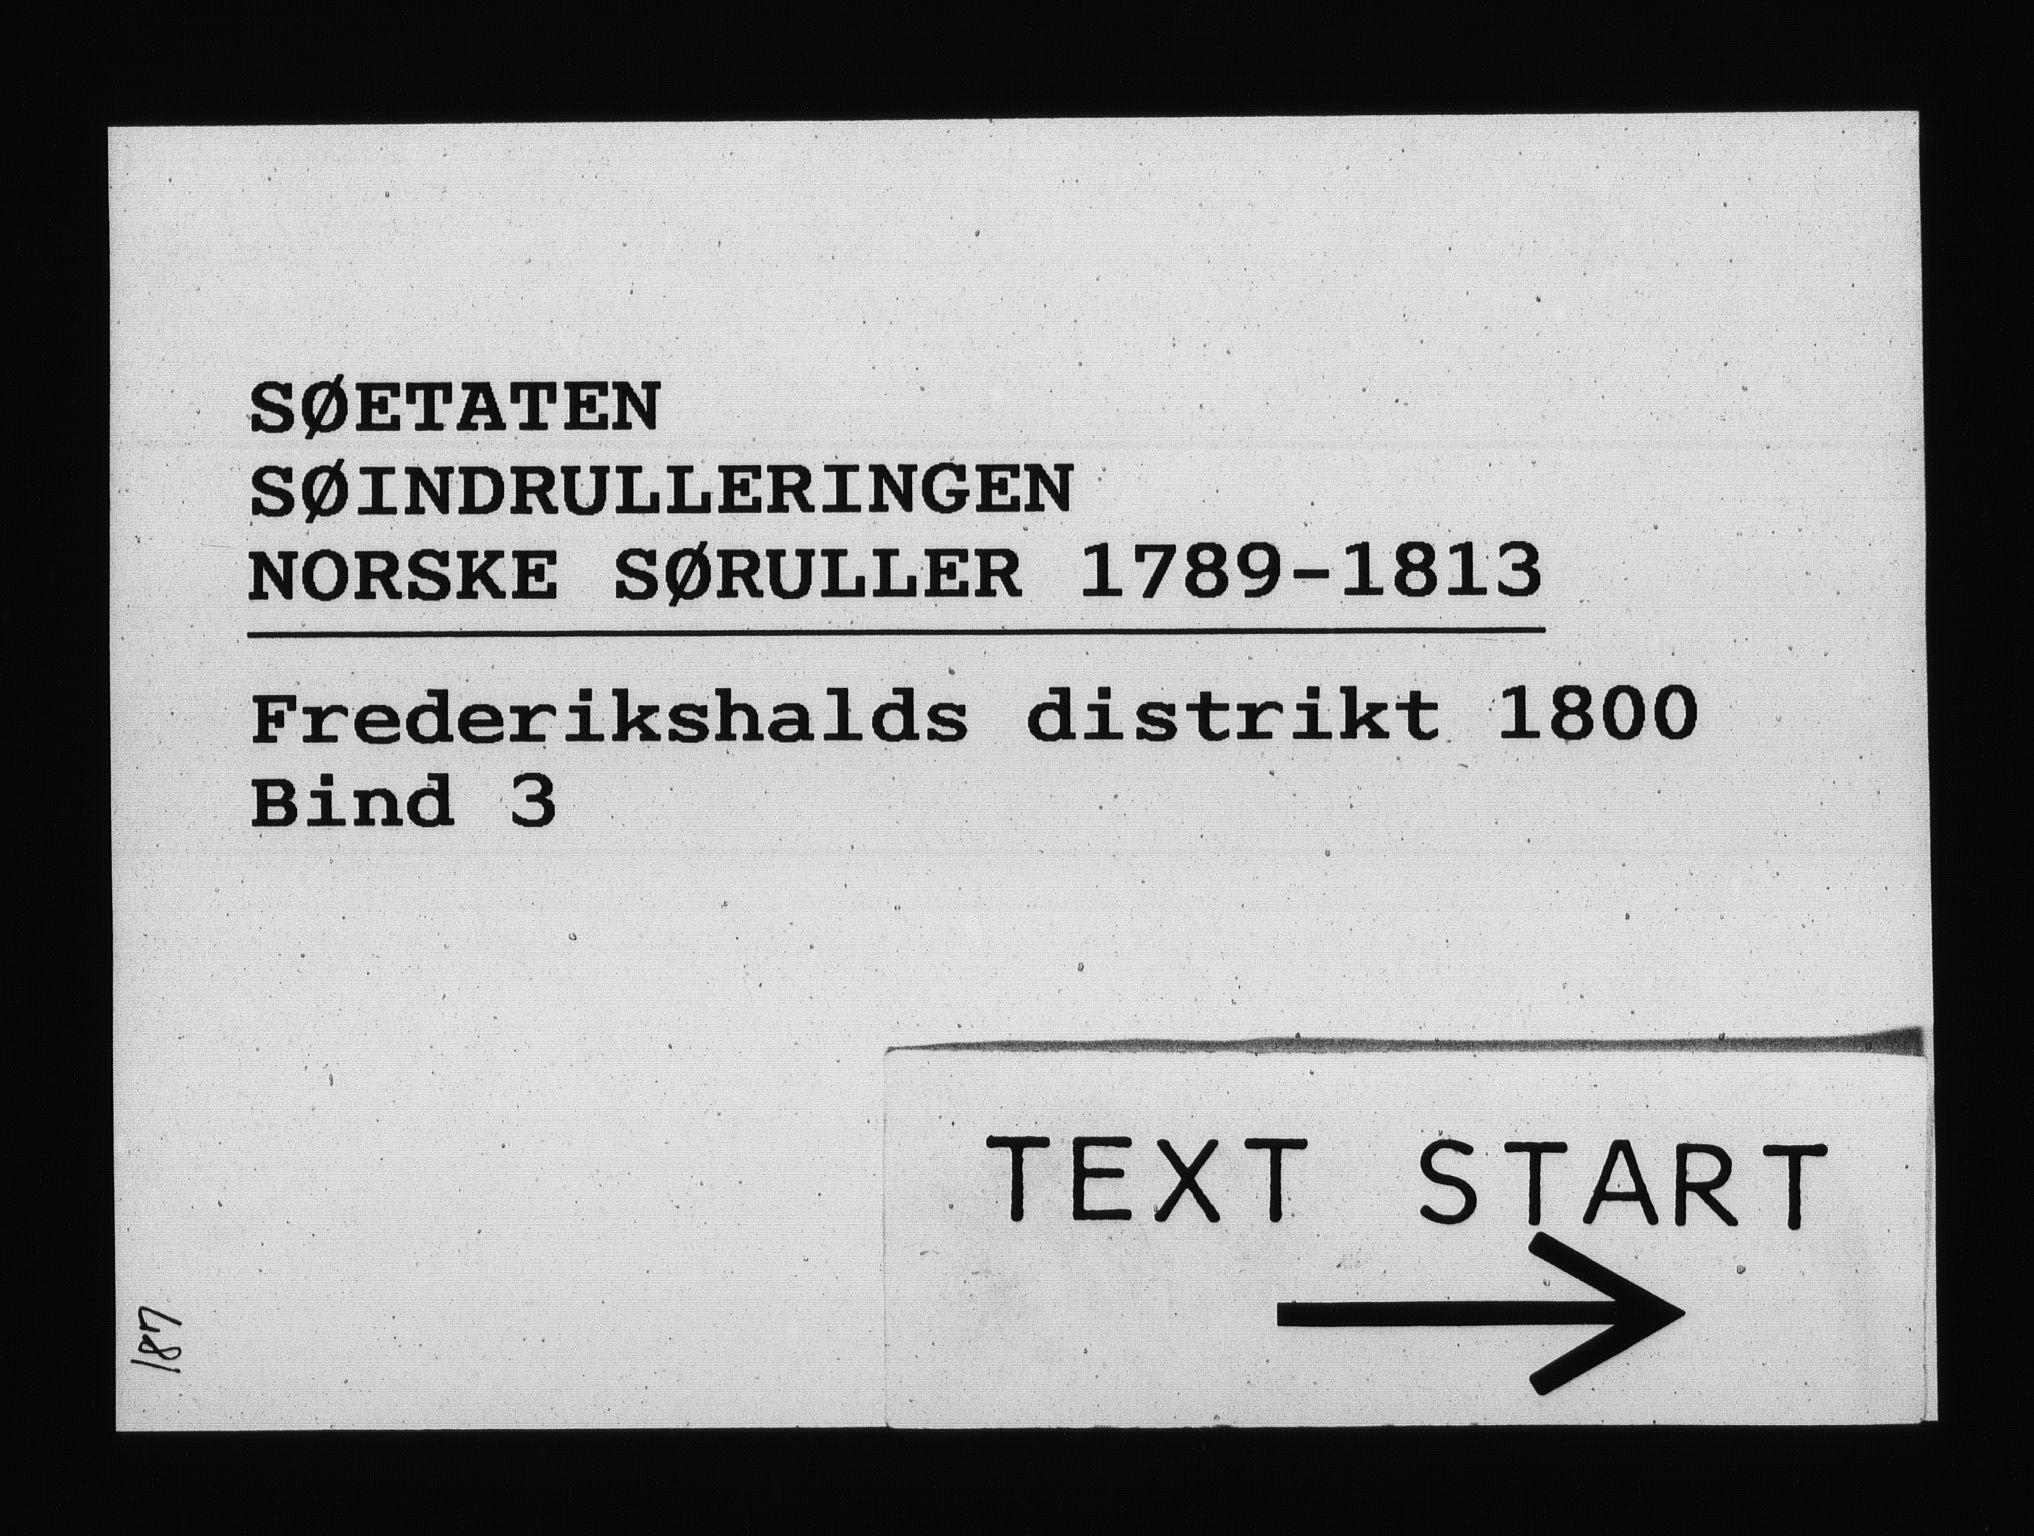 RA, Sjøetaten, F/L0188: Fredrikshalds distrikt, bind 3, 1800